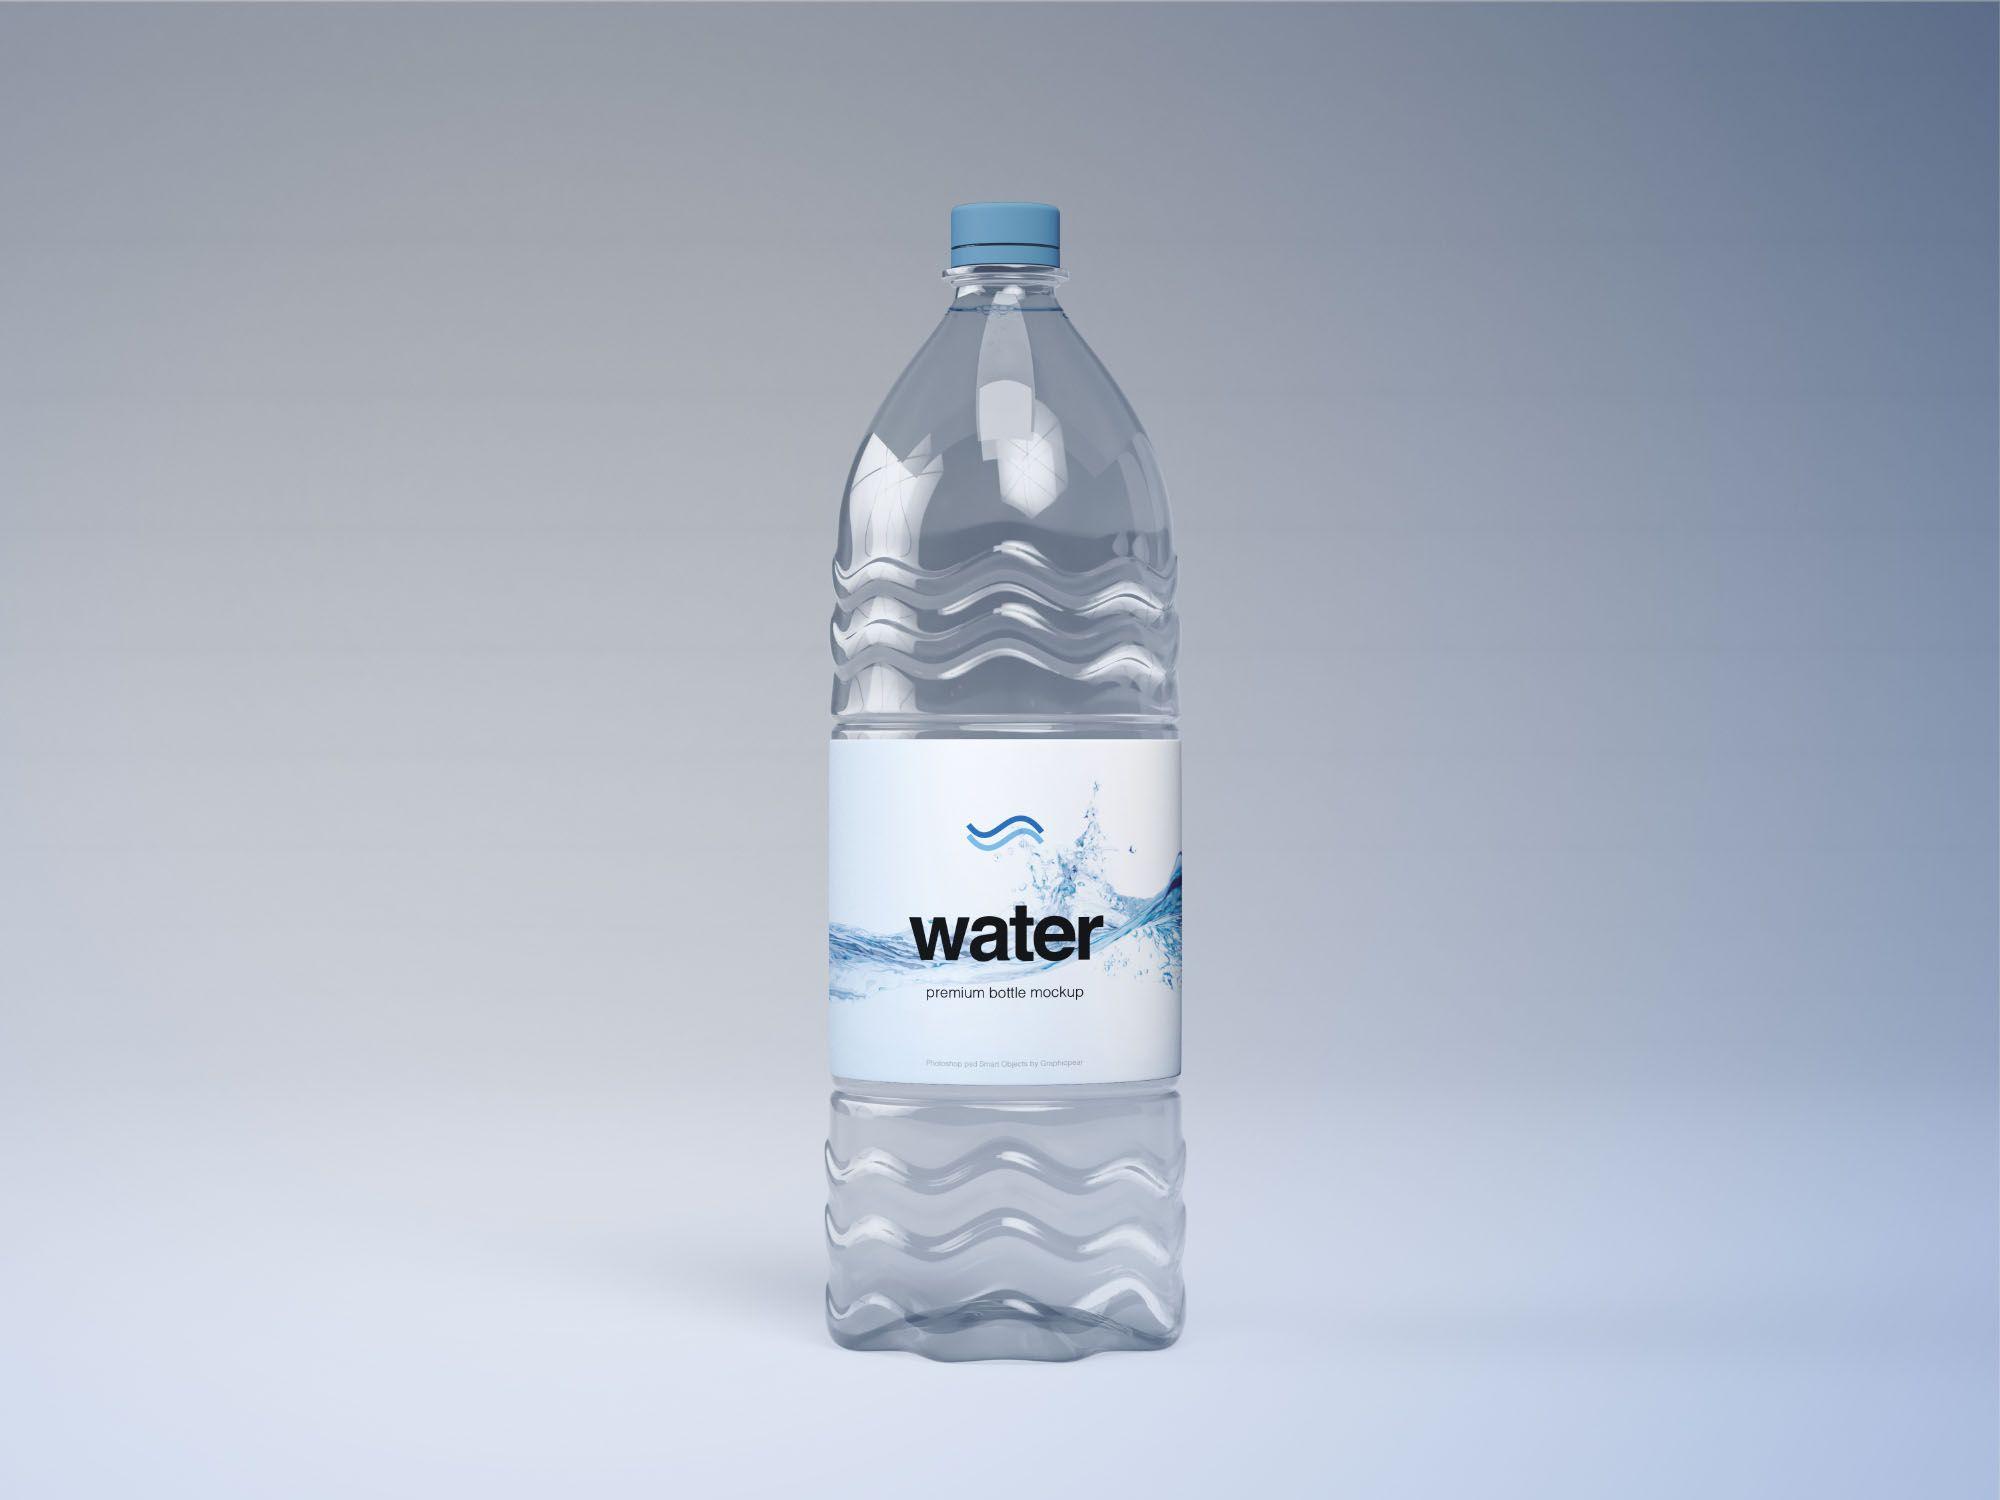 Plastic Water Bottle Mockup Bottle Mockup Water Bottle Bottle Packaging